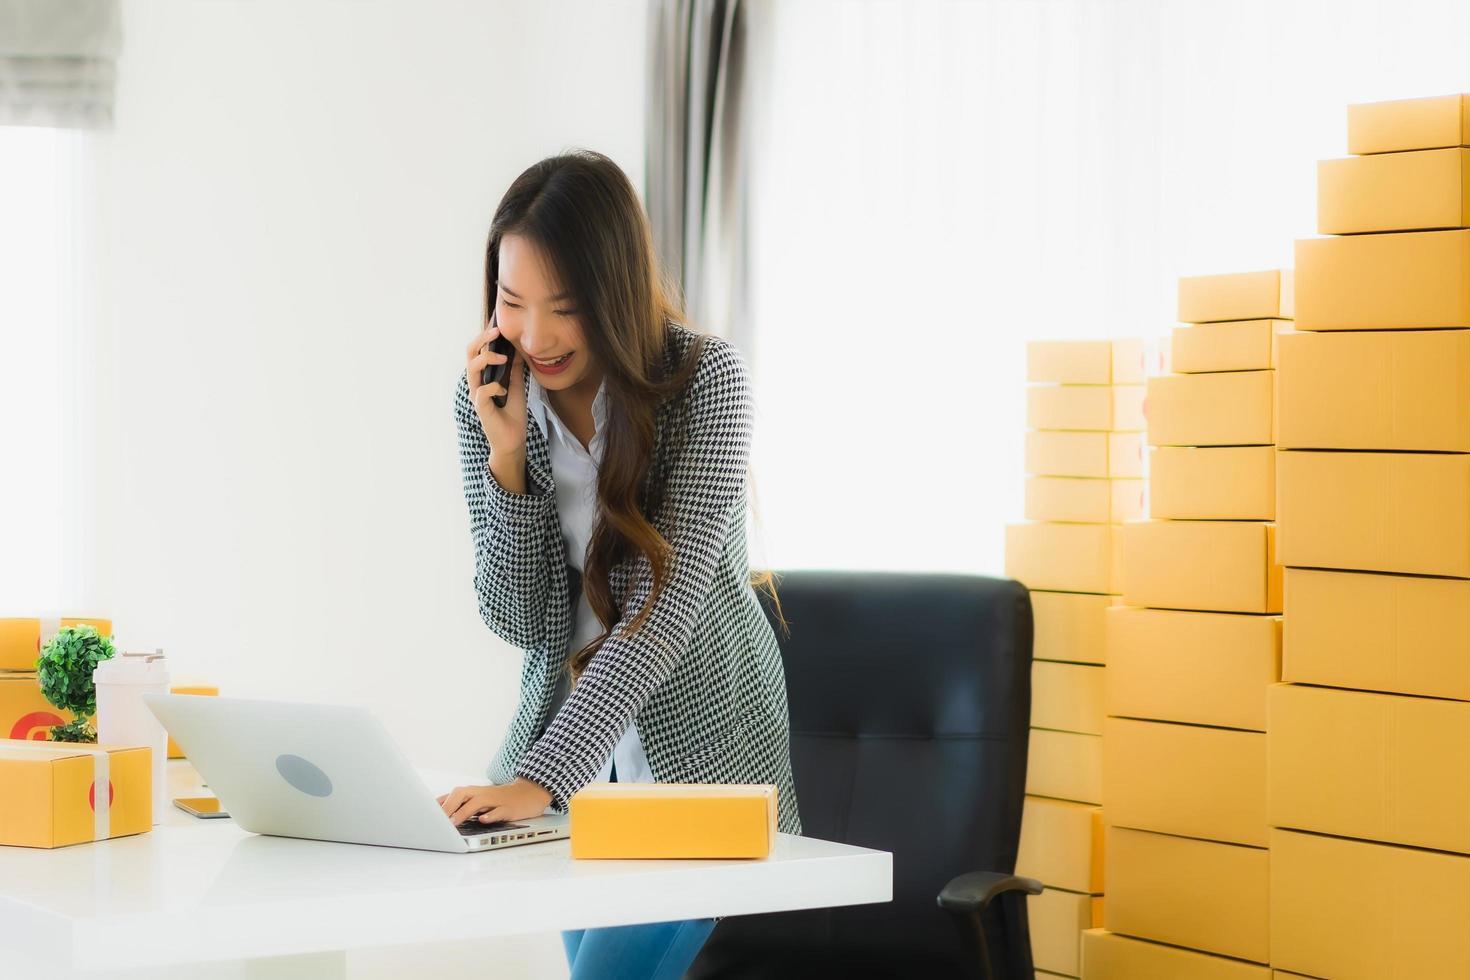 zakenvrouw bellen en werken op de computer met pakketten achter haar foto